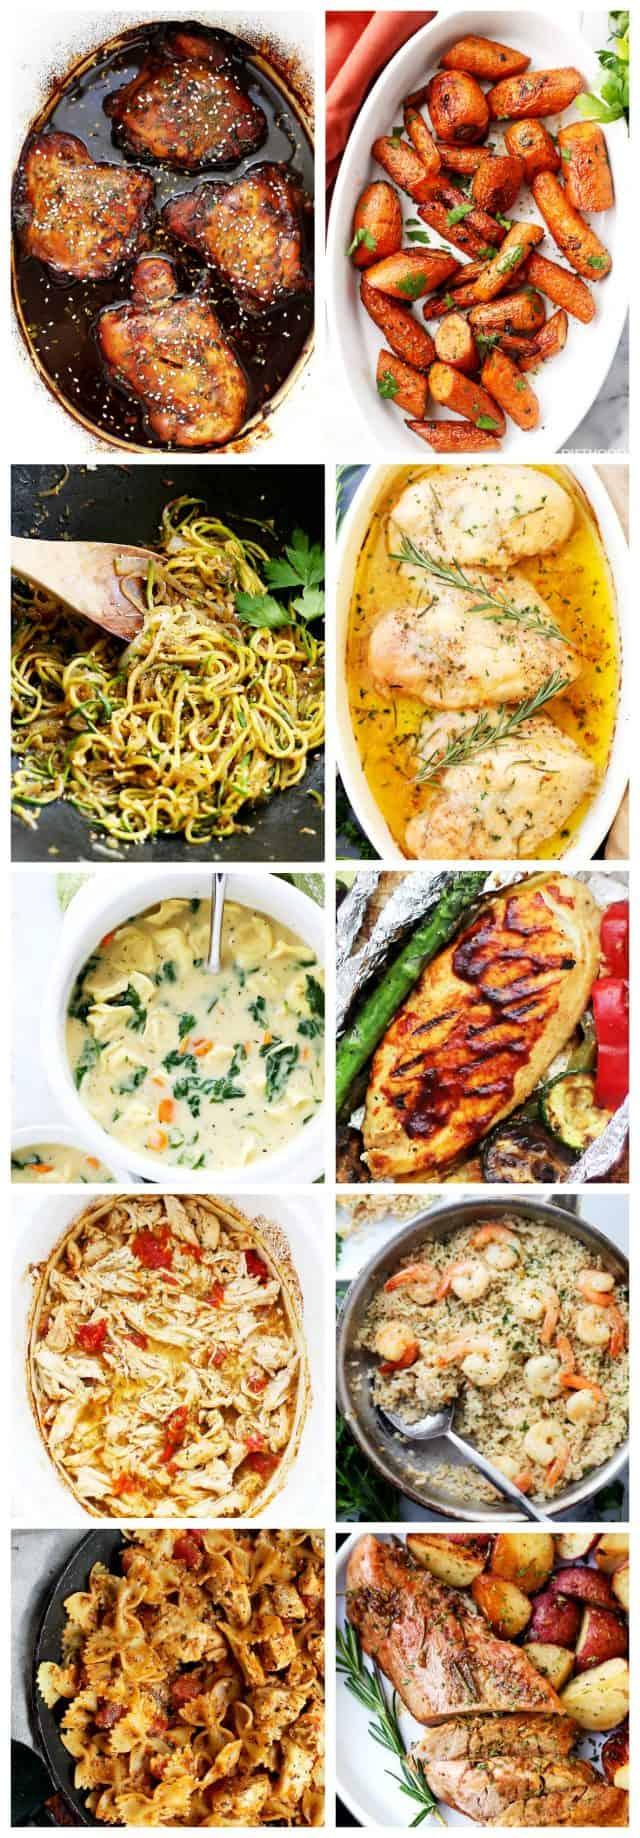 TOP TEN DIETHOOD RECIPES OF 2016